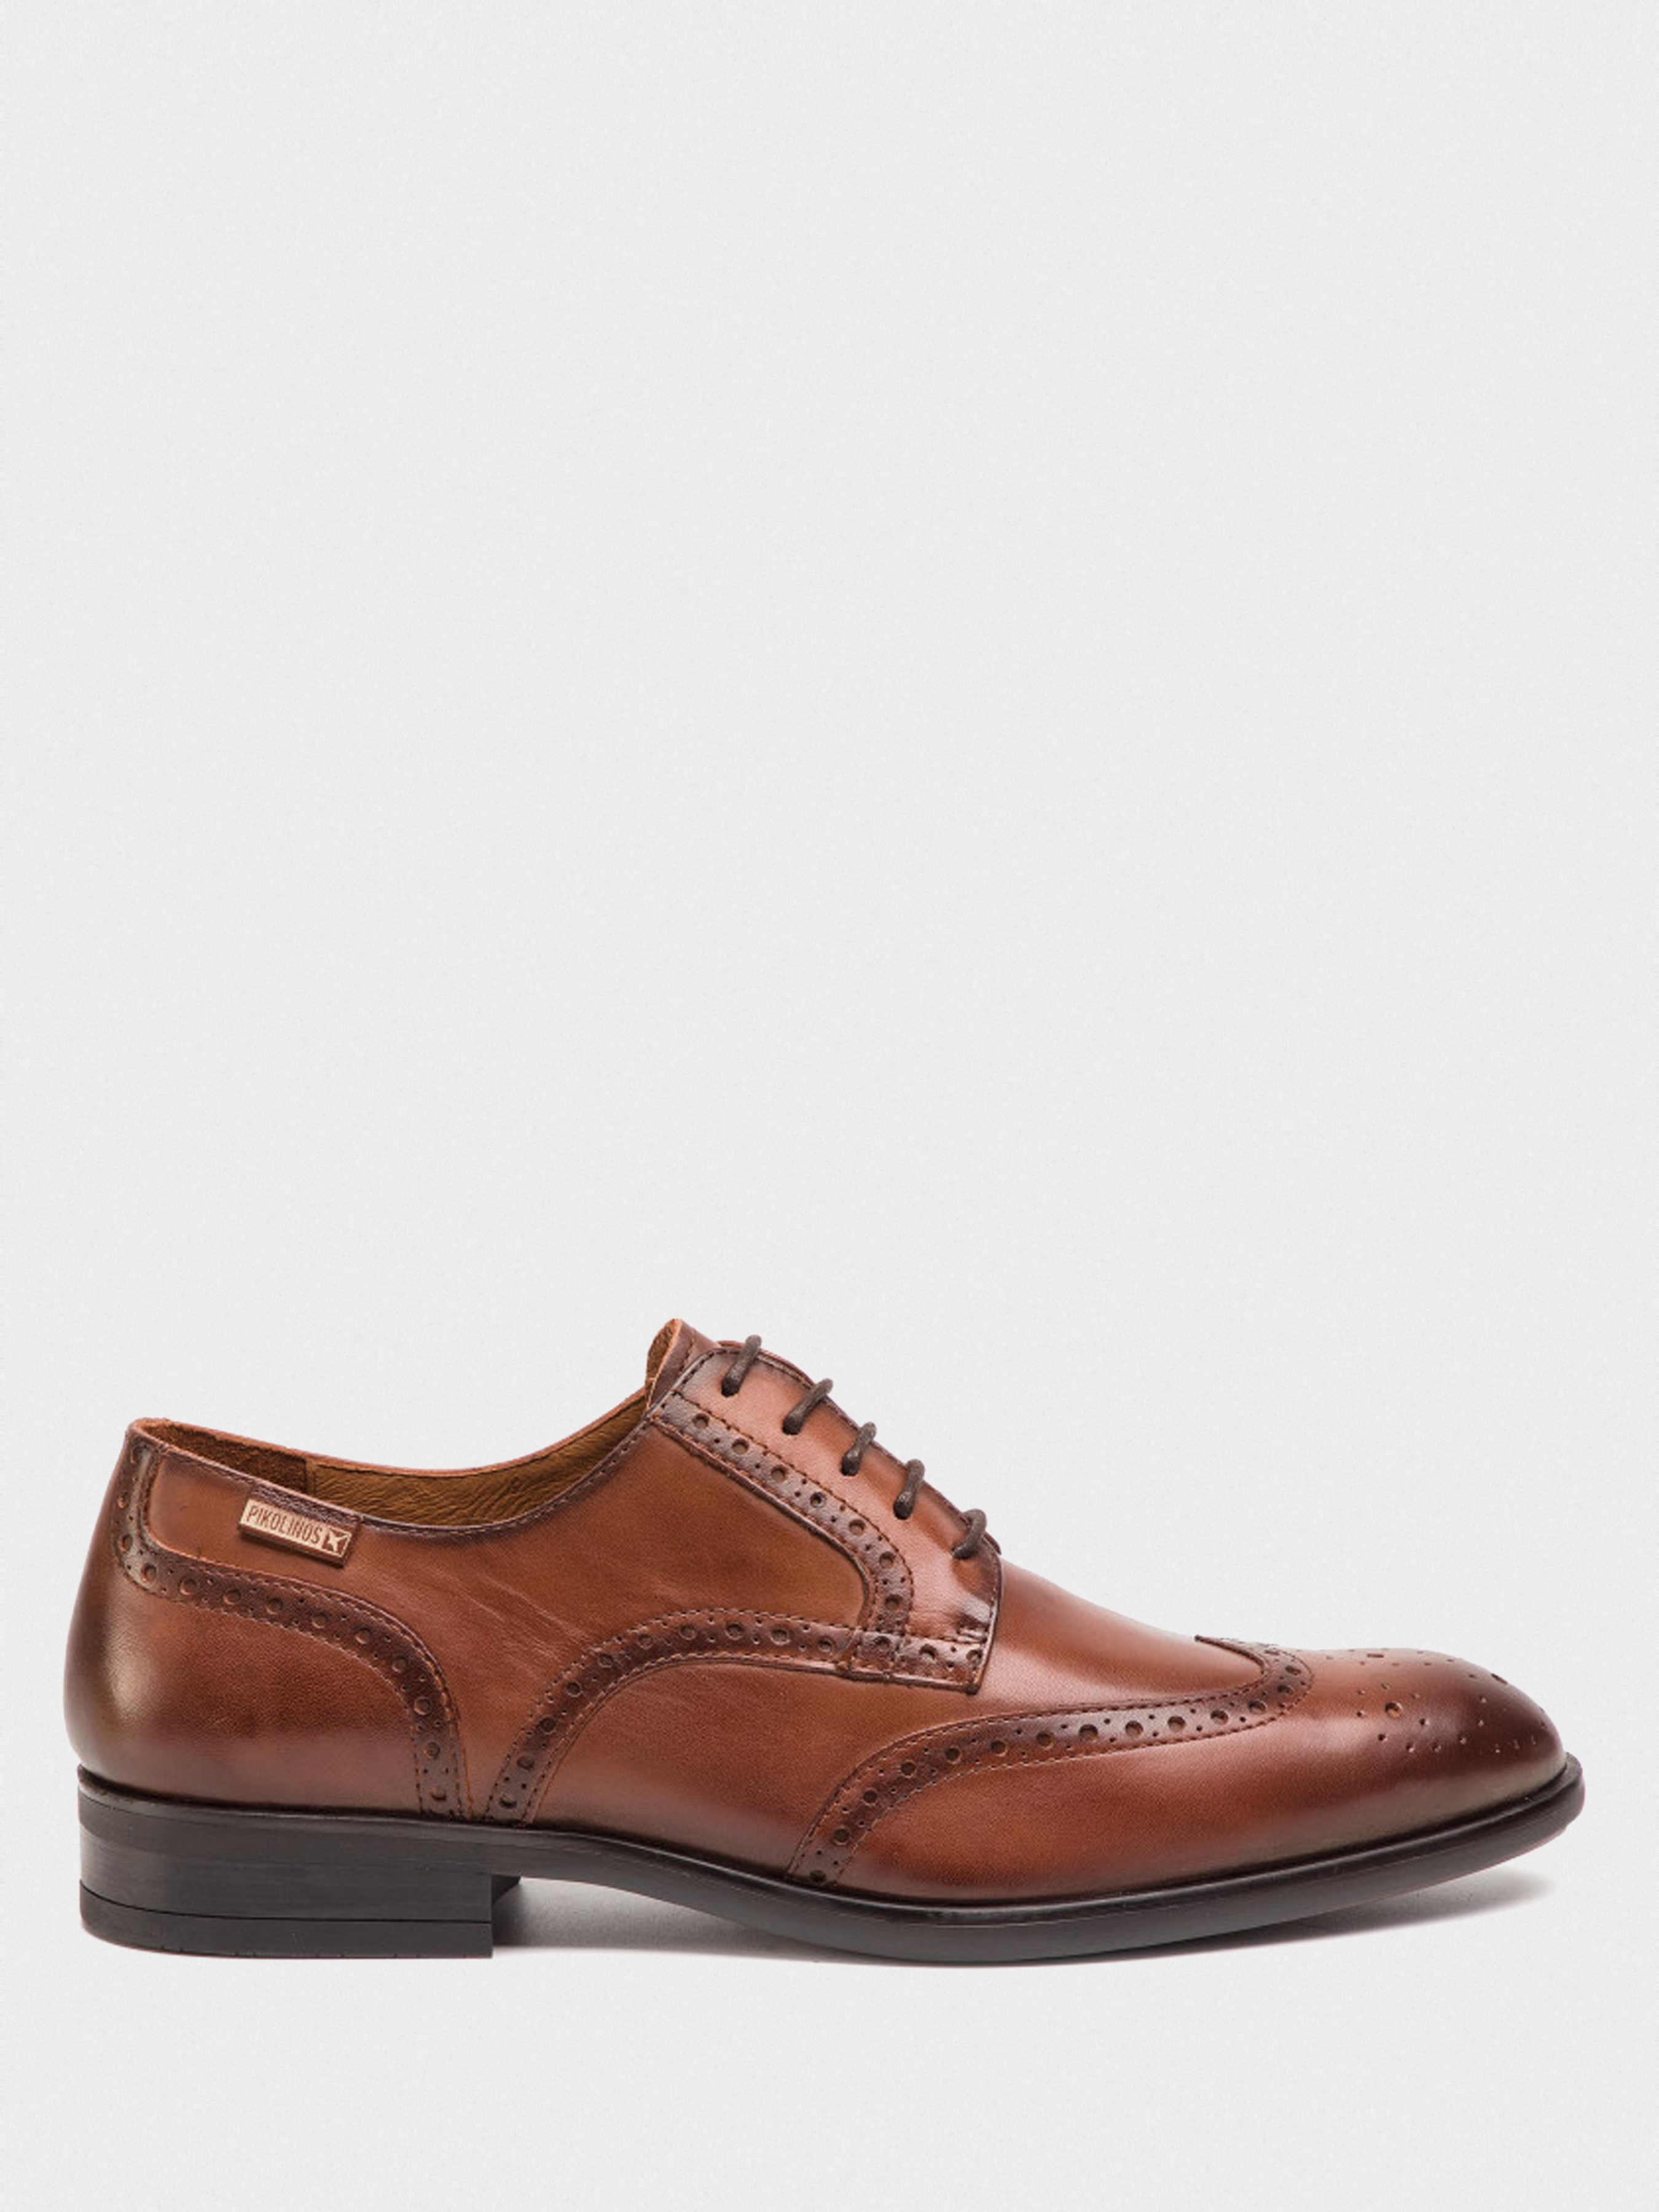 Купить Туфли мужские PIKOLINOS SH345, Коричневый